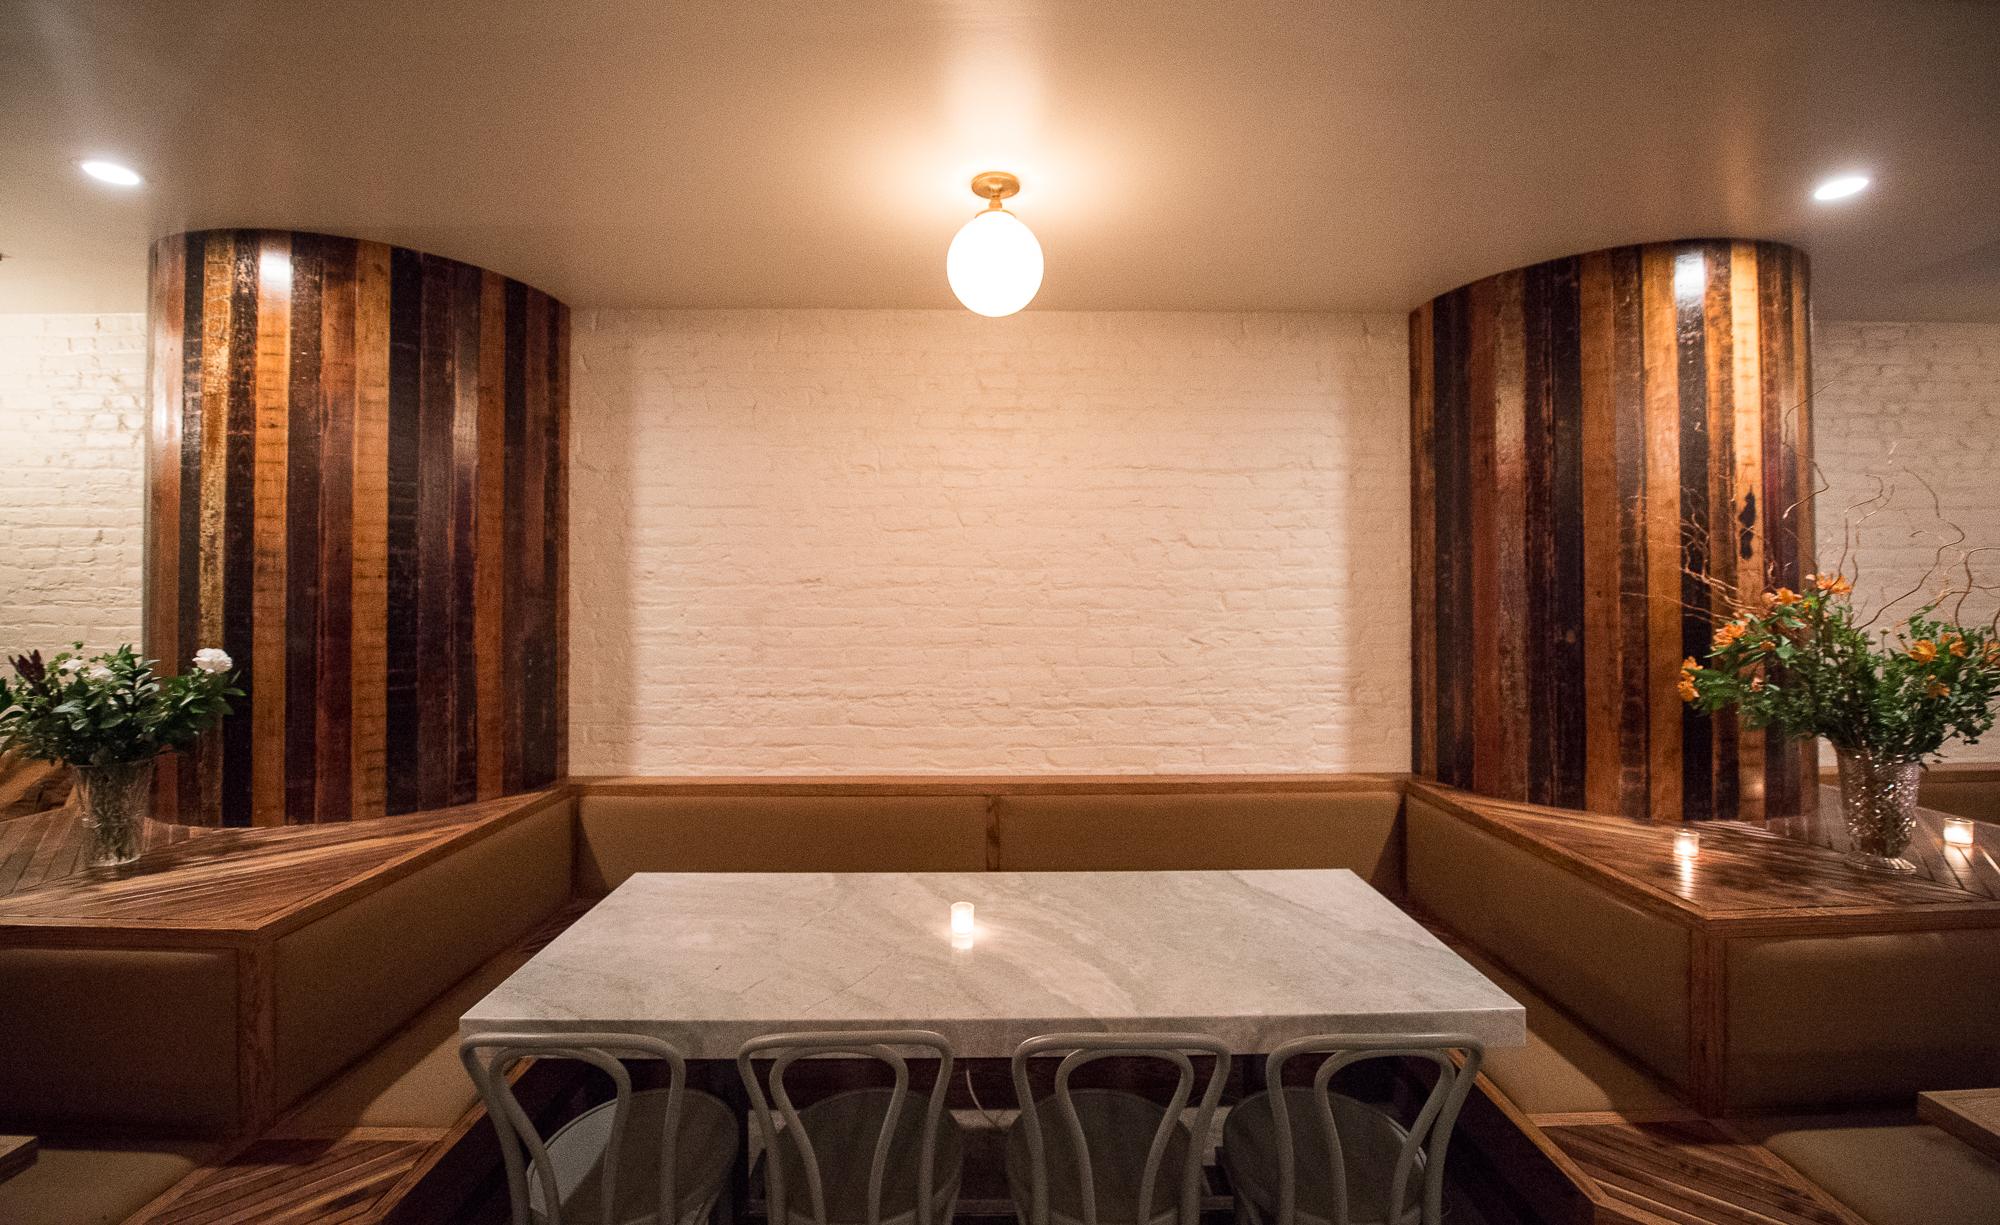 Upper east side new york restaurants   eater ny